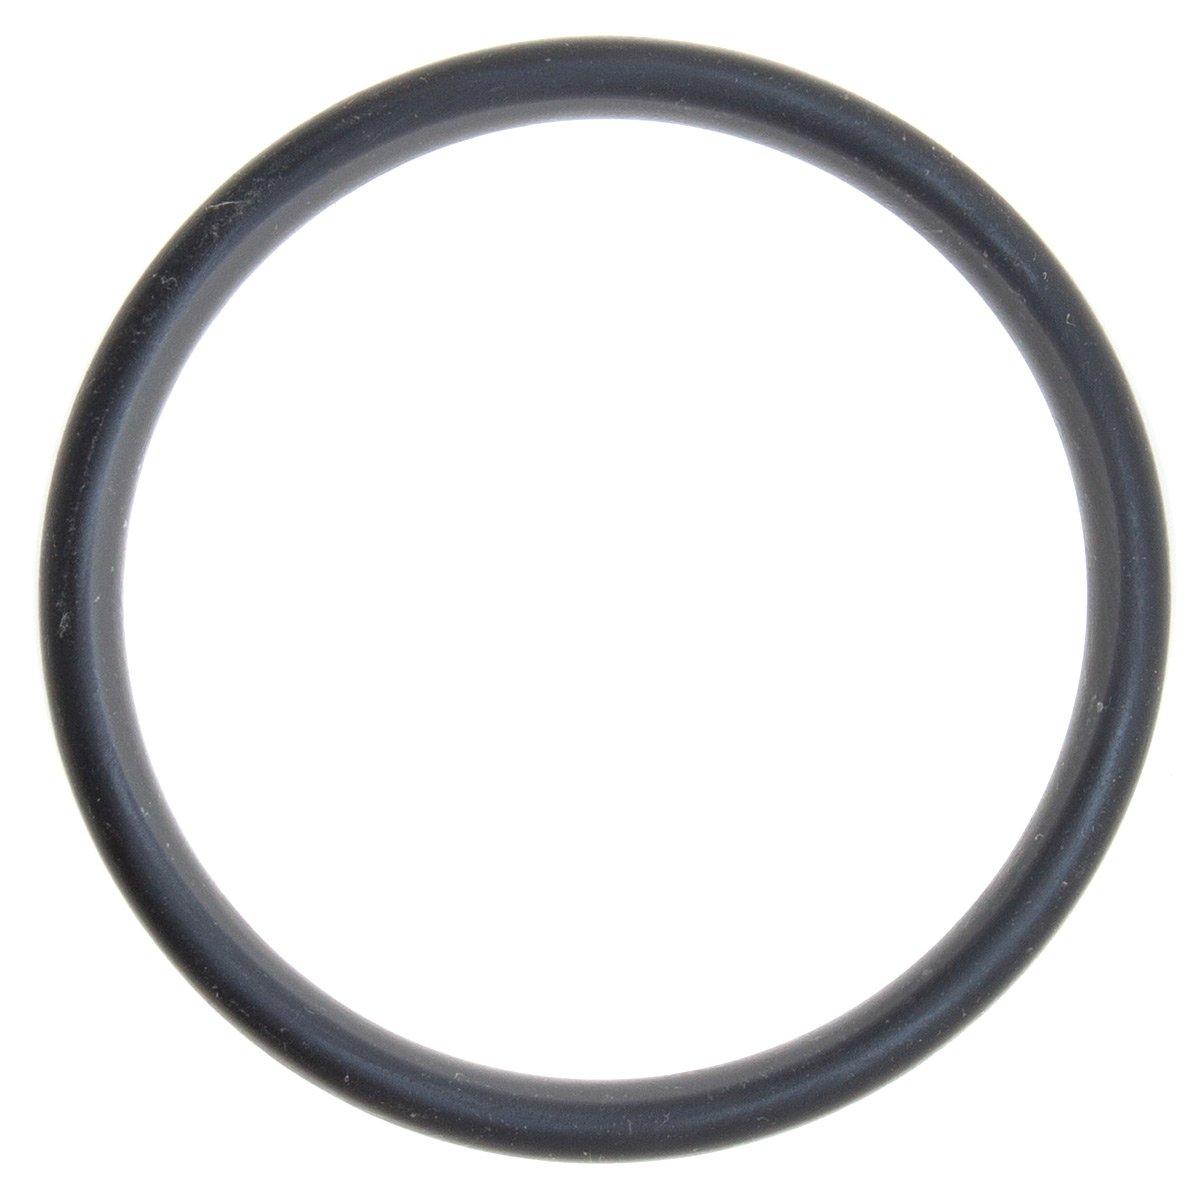 Dichtringe / O-Ringe 65 x 5 mm NBR 70, Menge 10 Stü ck Diehr & Rabenstein